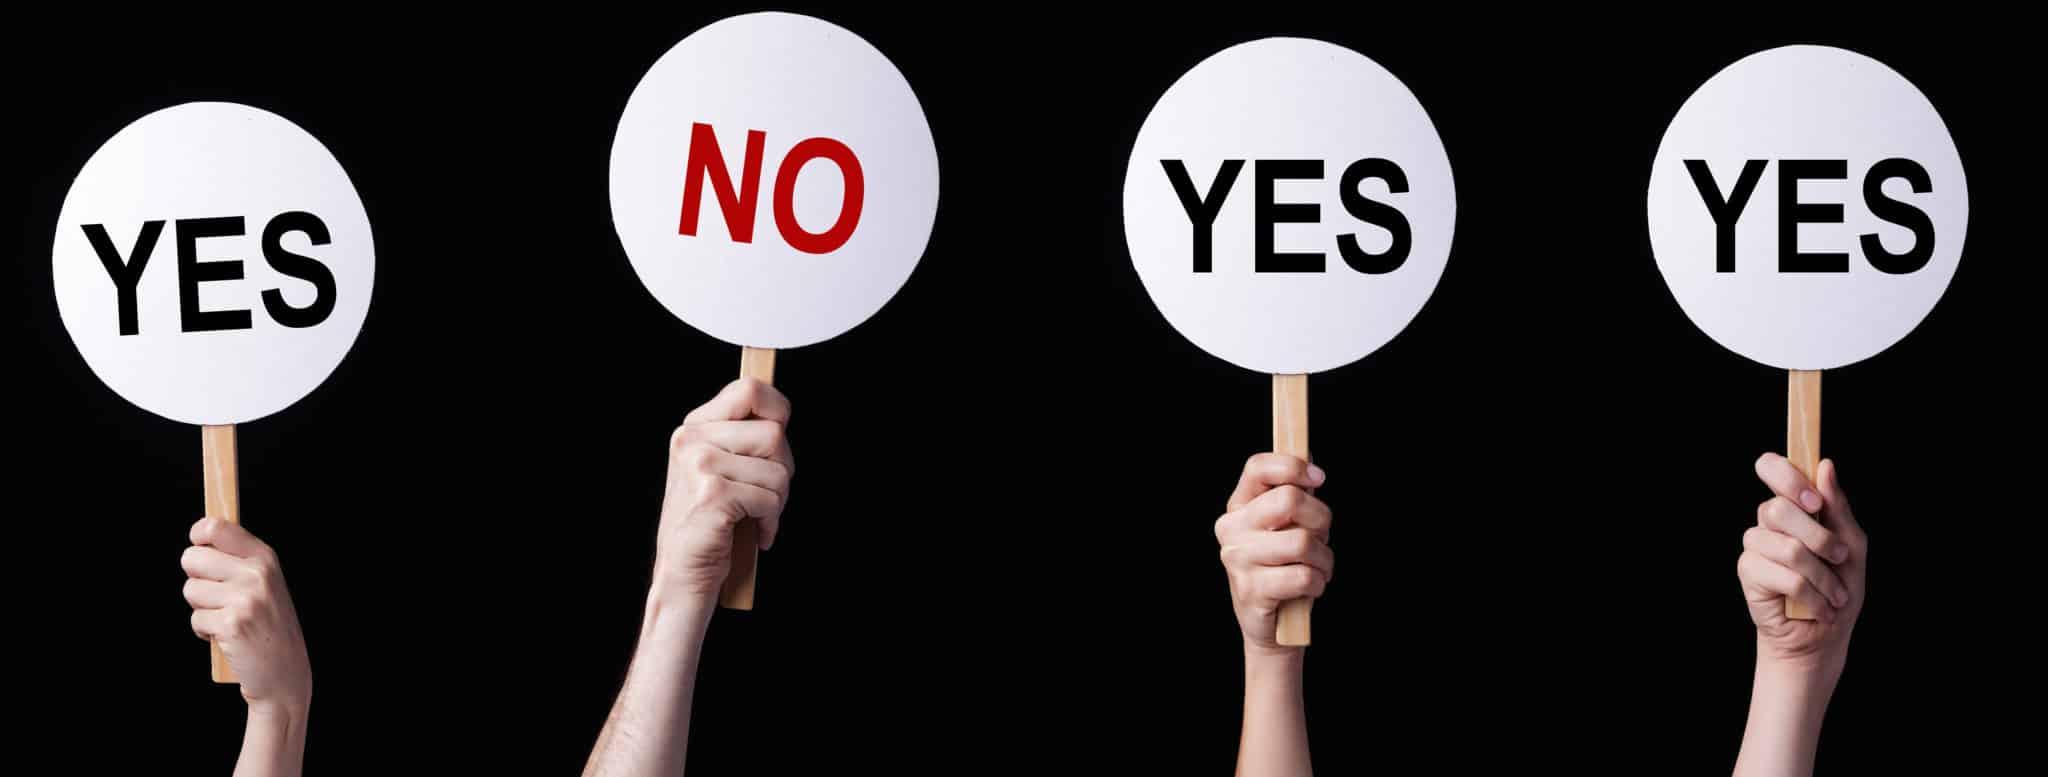 Copropriété : article 25, article 24… les règles de majorité